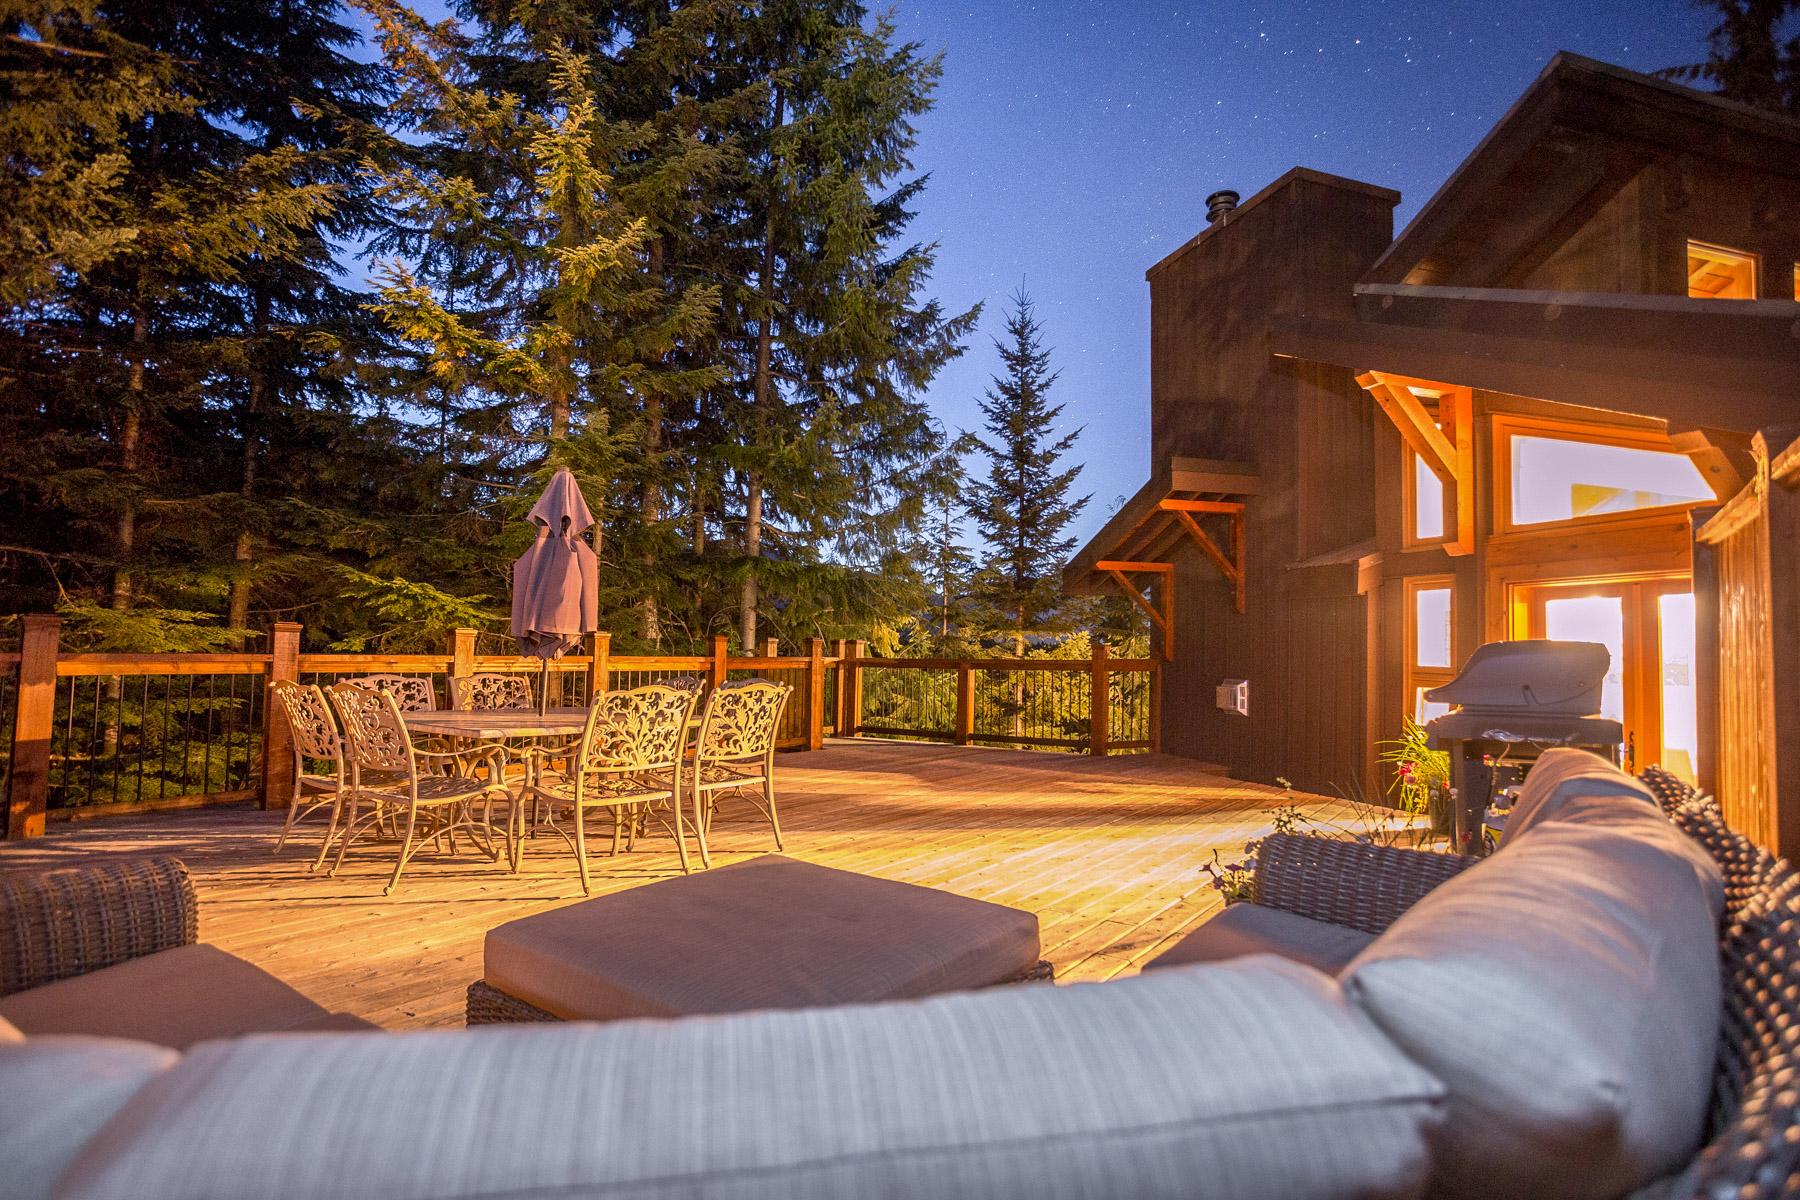 Aurora Lodge - Upper deck